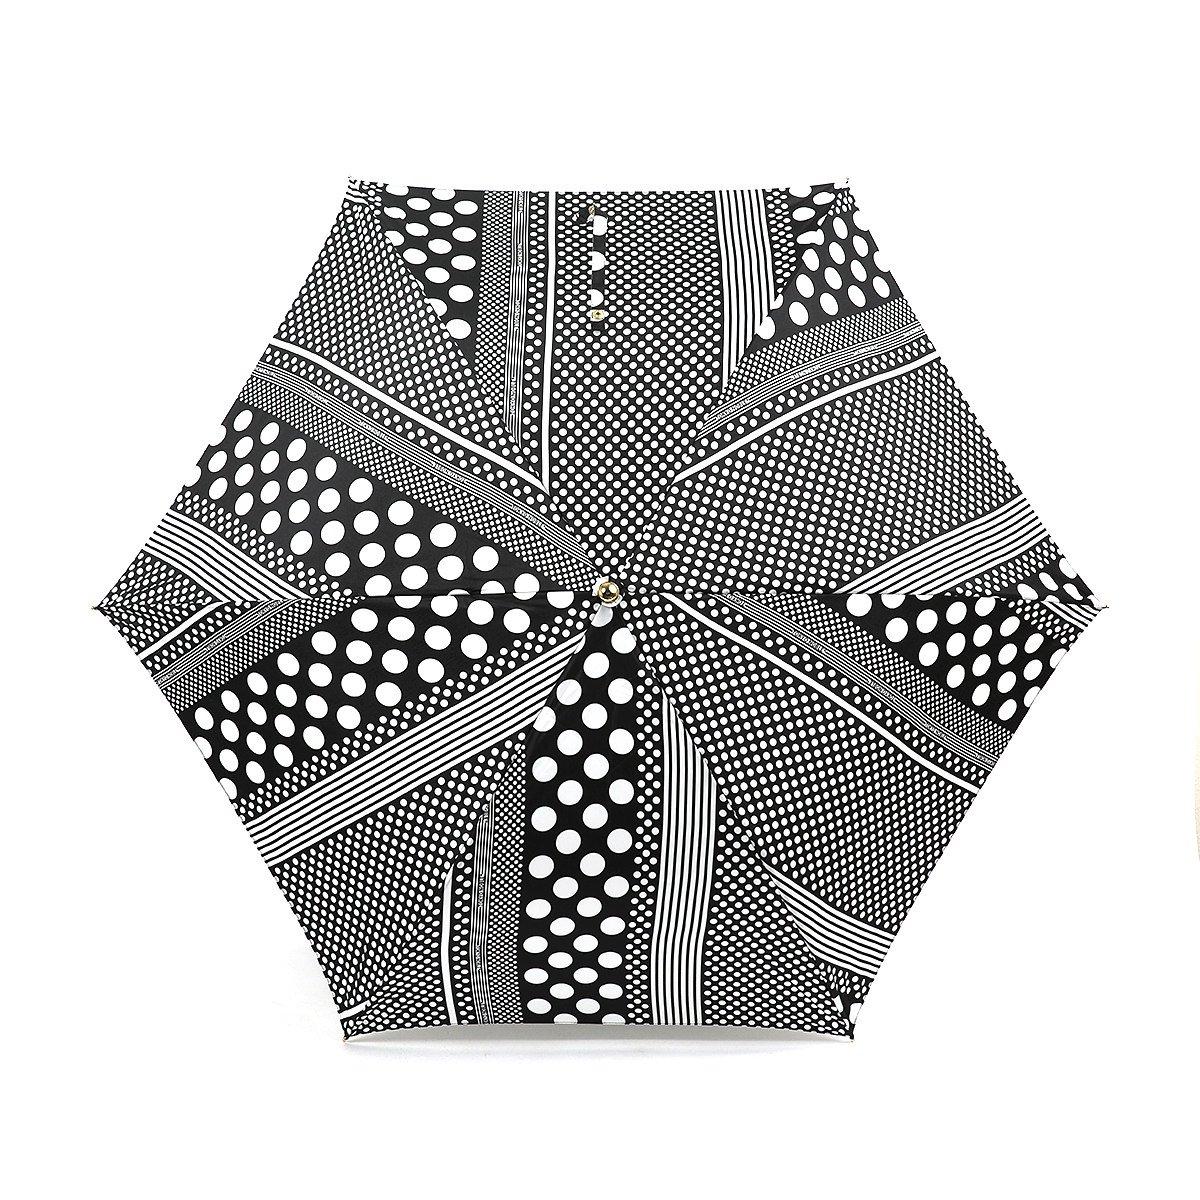 東京ノーブル ドットストライプ 折りたたみ傘 詳細画像5